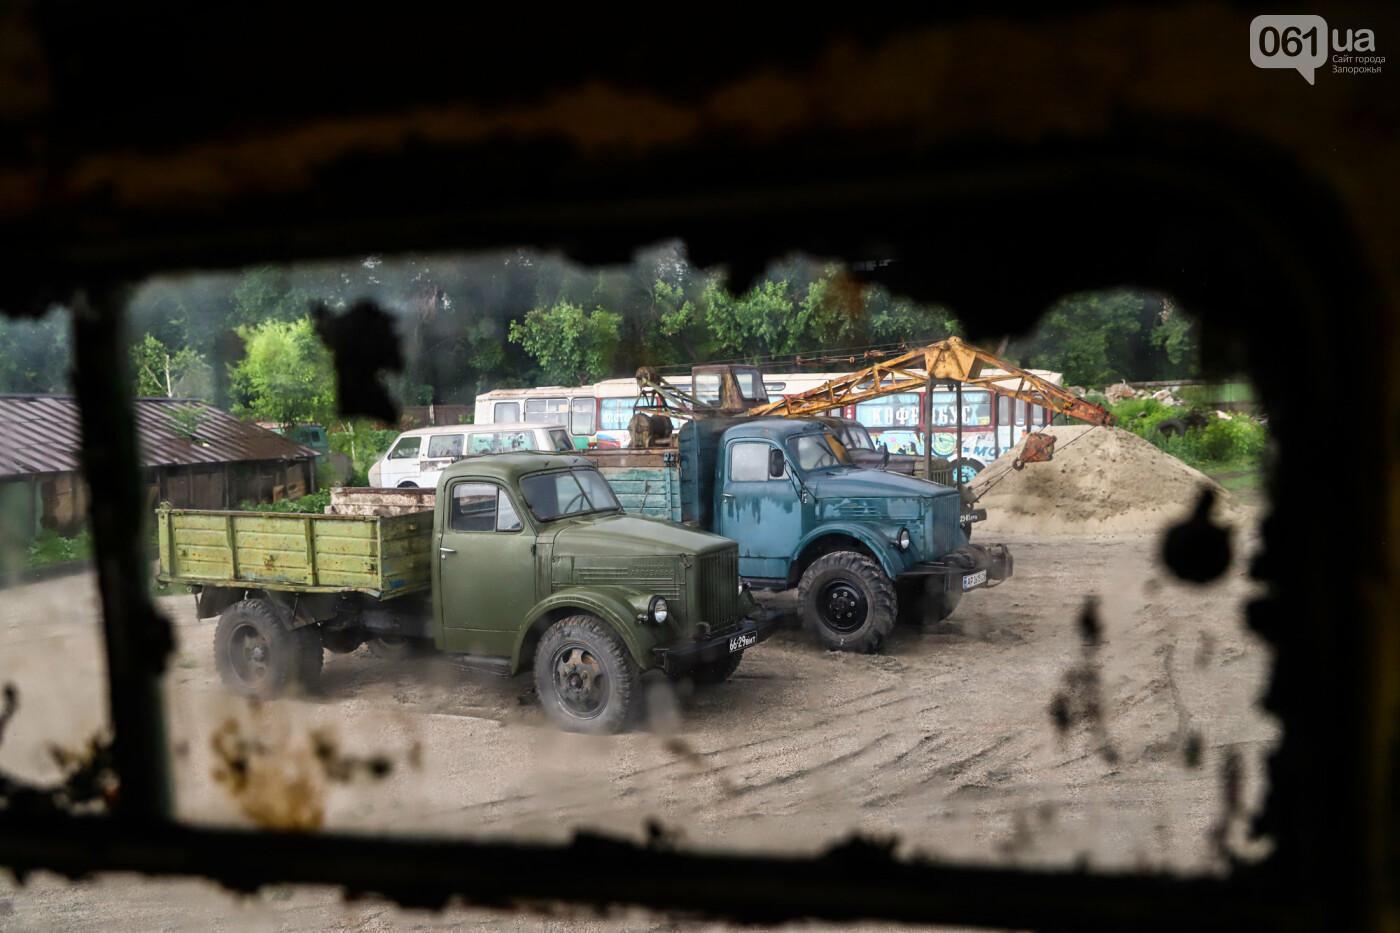 В Запорожье на месте зеленхоза одного из заводов появится Музей специального транспорта, - ФОТОРЕПОРТАЖ, фото-19